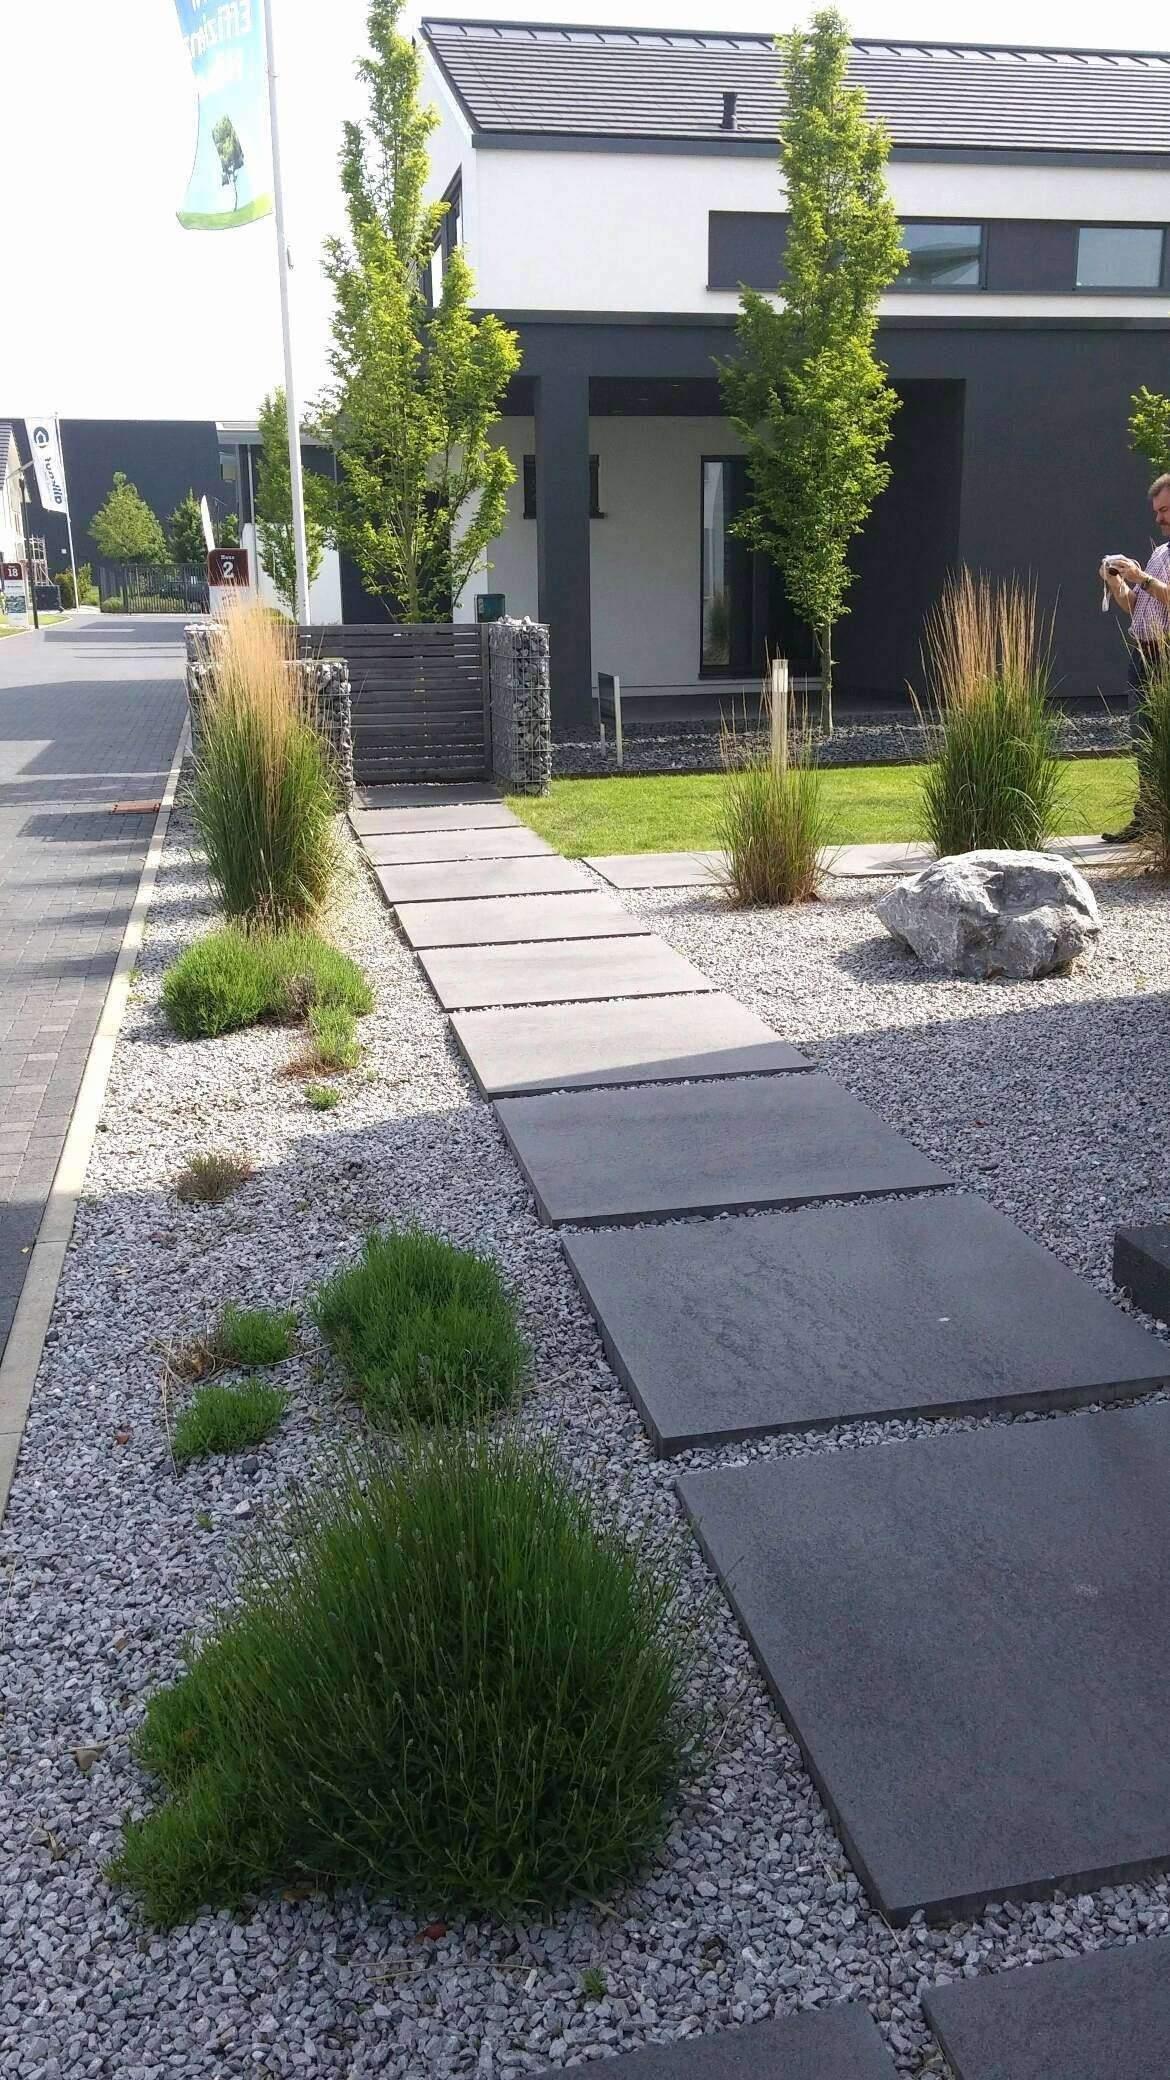 Pflanzen Garten Best Of 26 Genial Garten Modern Gestalten Einzigartig